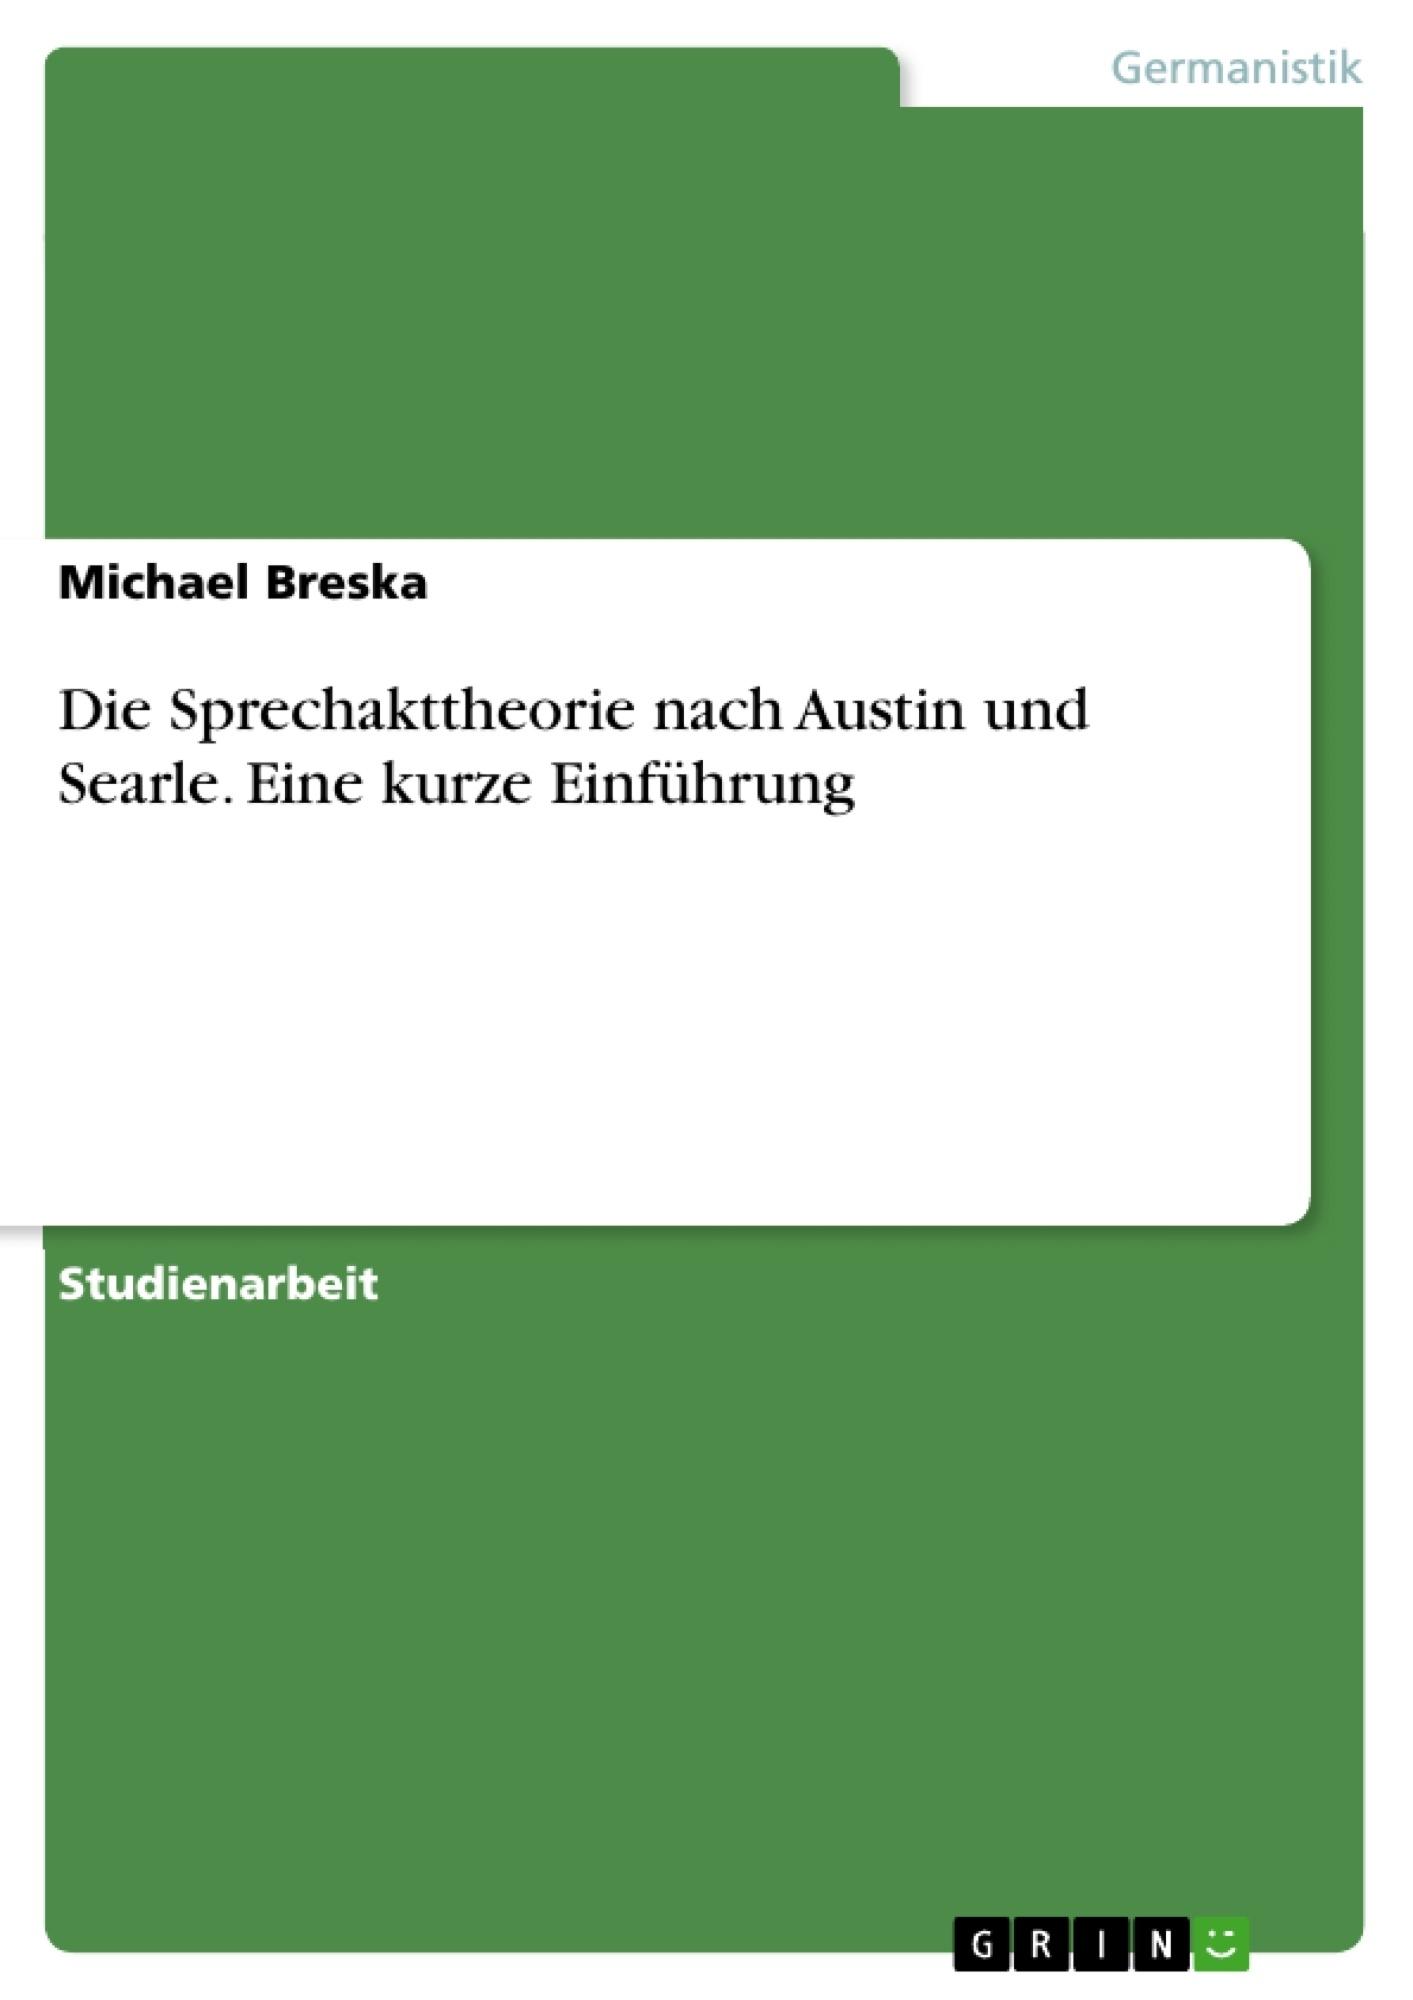 Titel: Die Sprechakttheorie nach Austin und Searle. Eine kurze Einführung